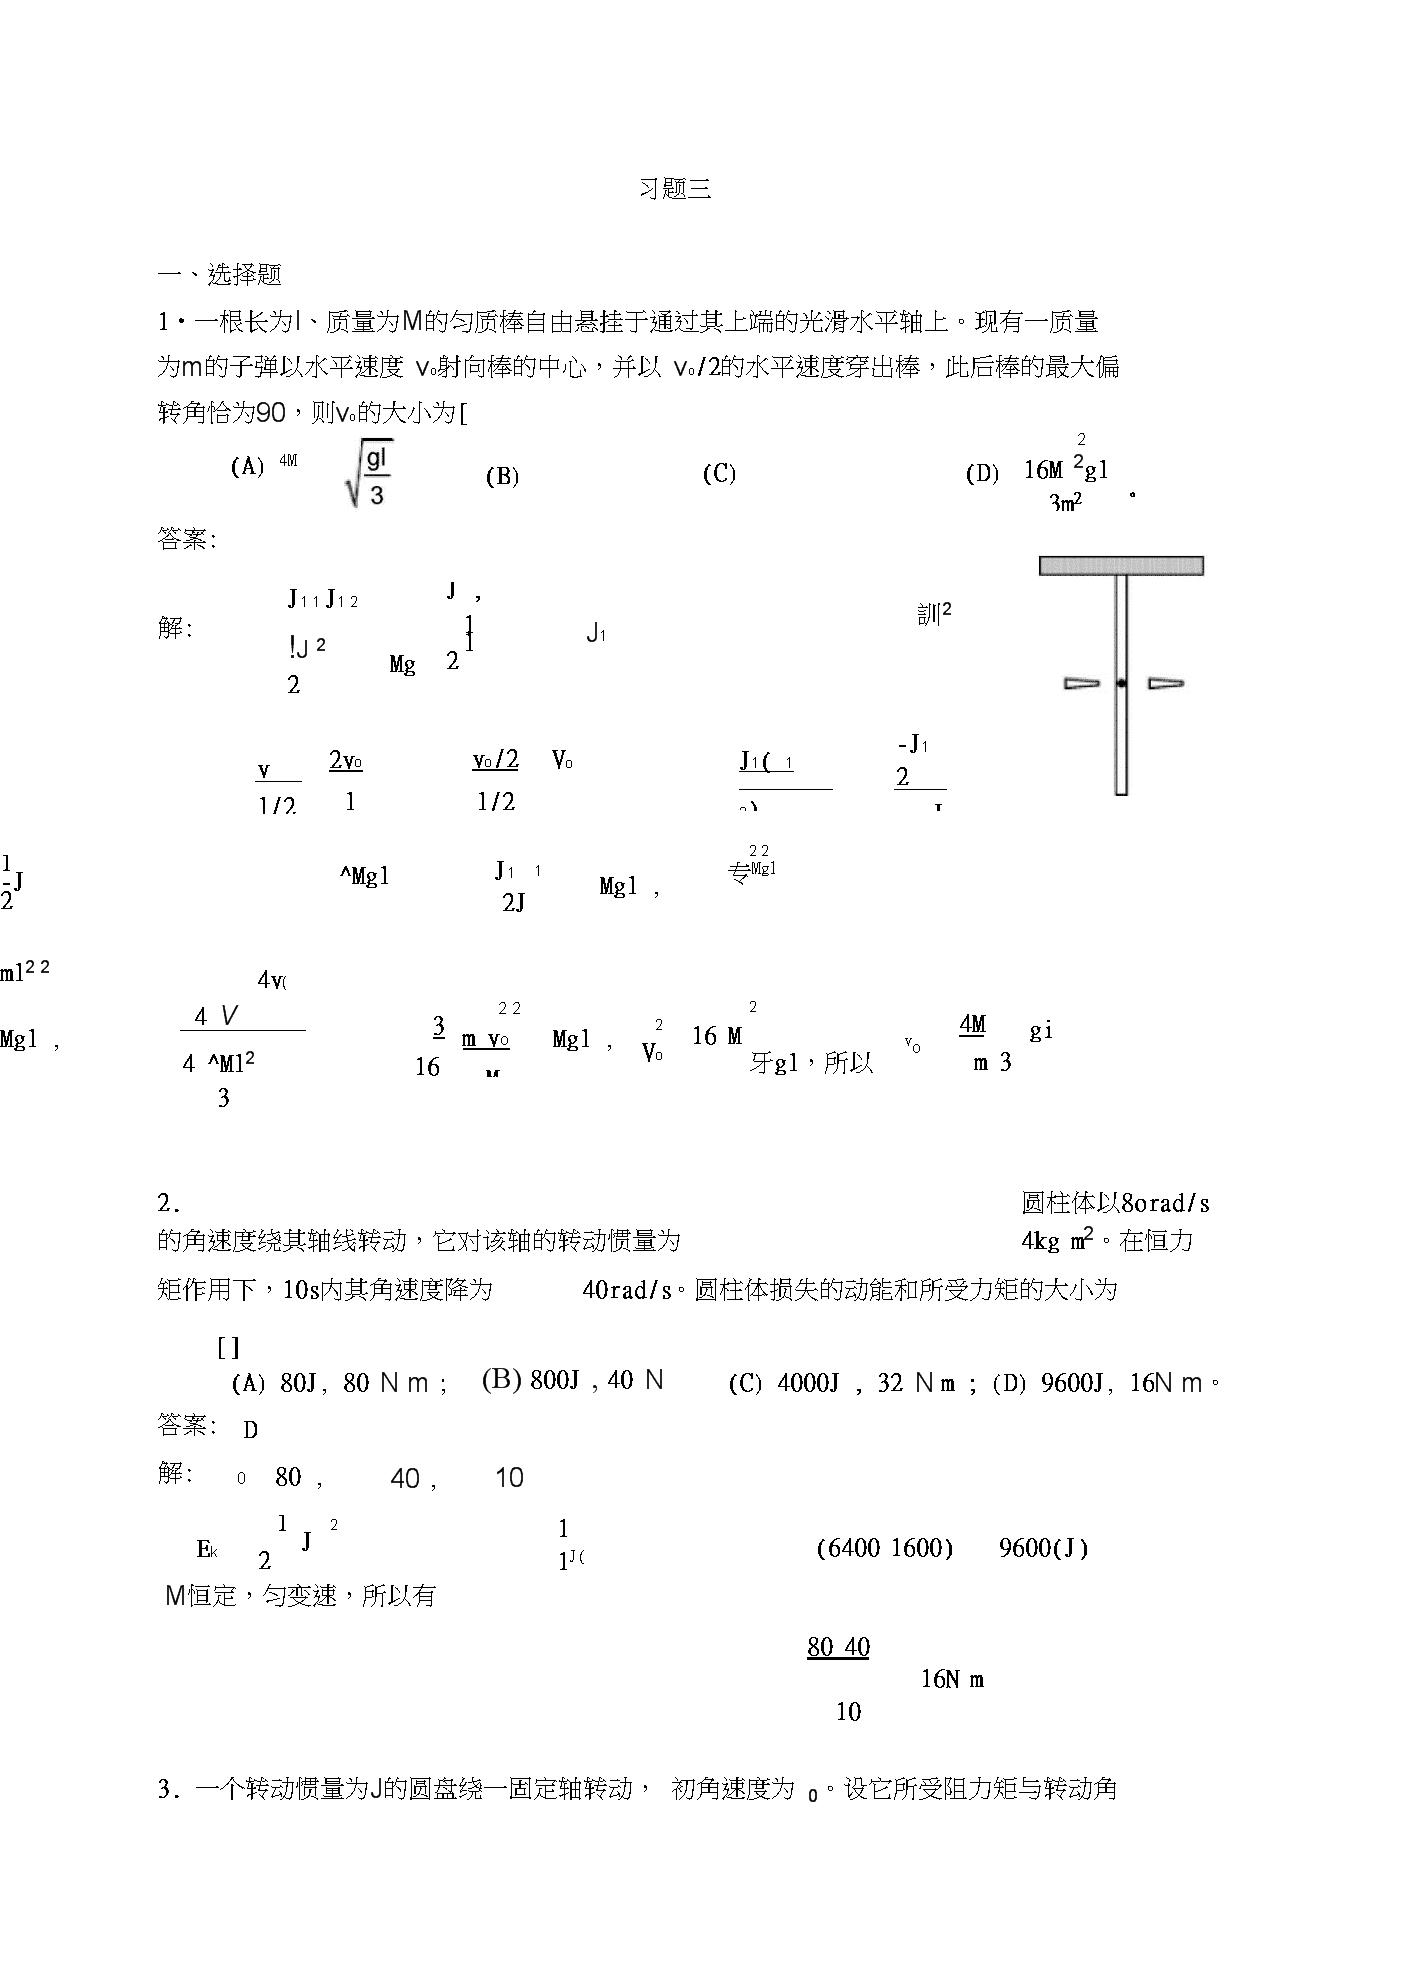 华理工大学大学物理习题之刚体力学习题详解.docx